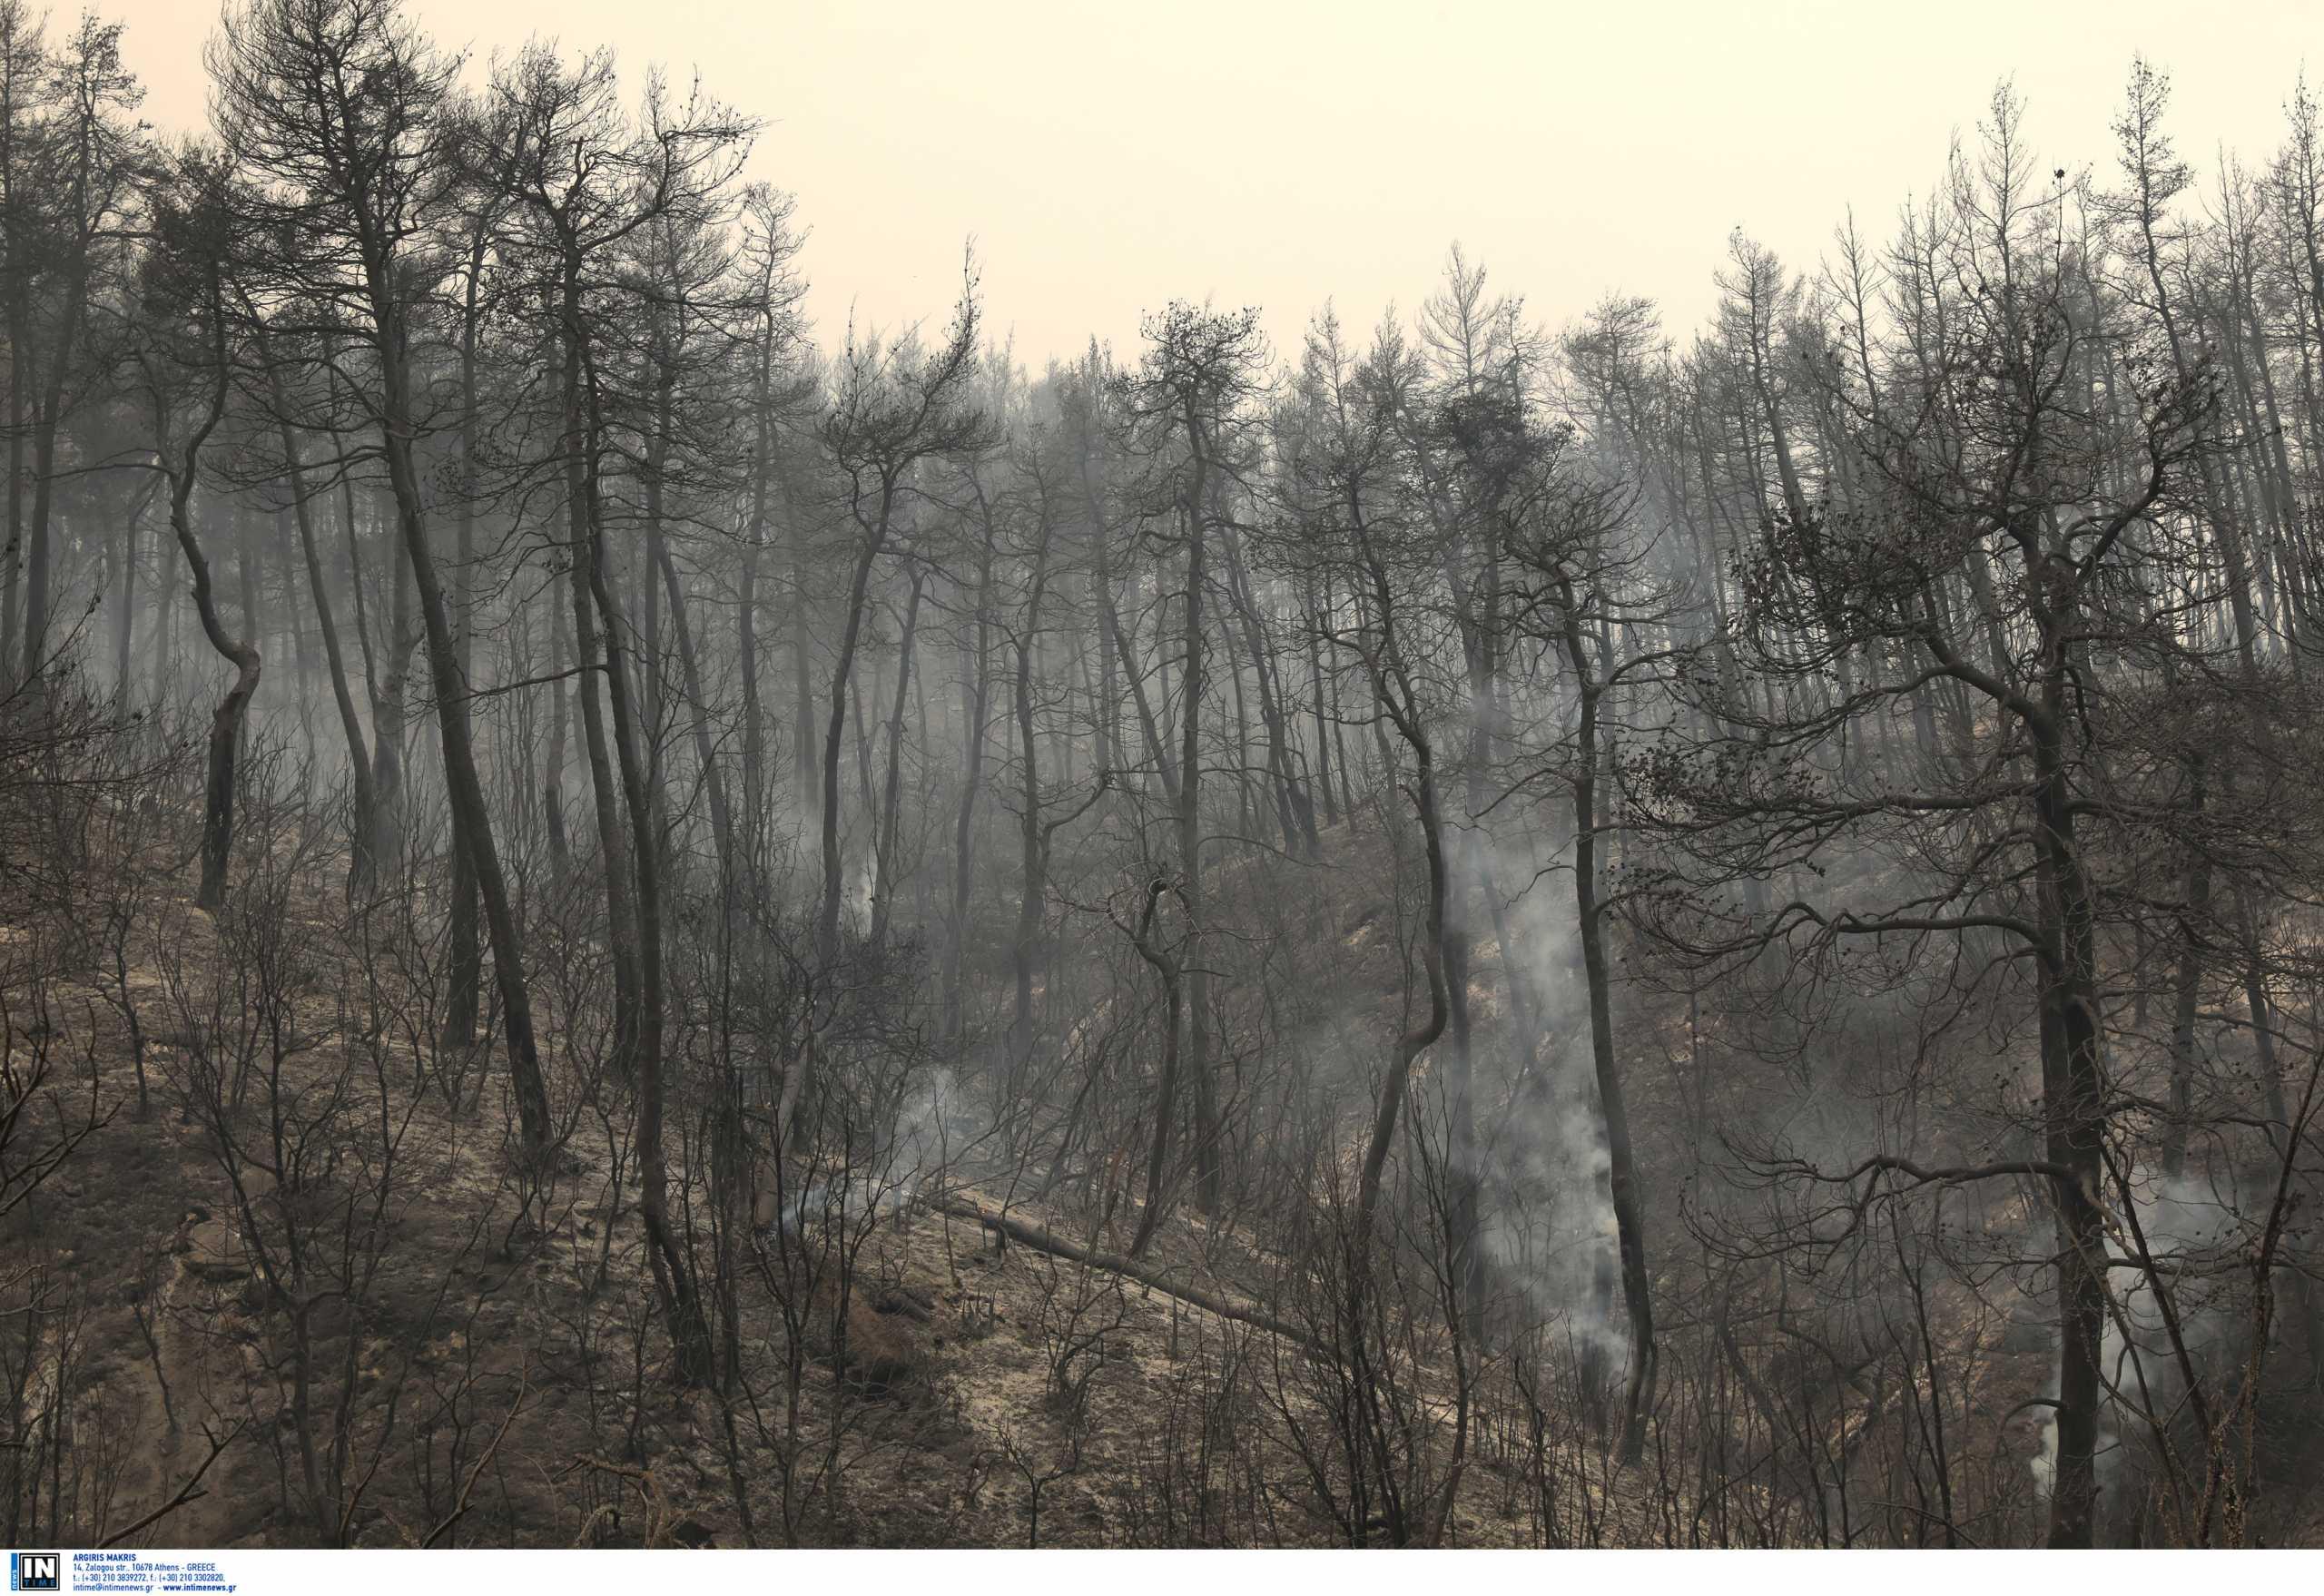 Αποζημιώσεις για τις πυρκαγιές Μαΐου – Αυγούστου: Δημοσιεύθηκε η ΚΥΑ